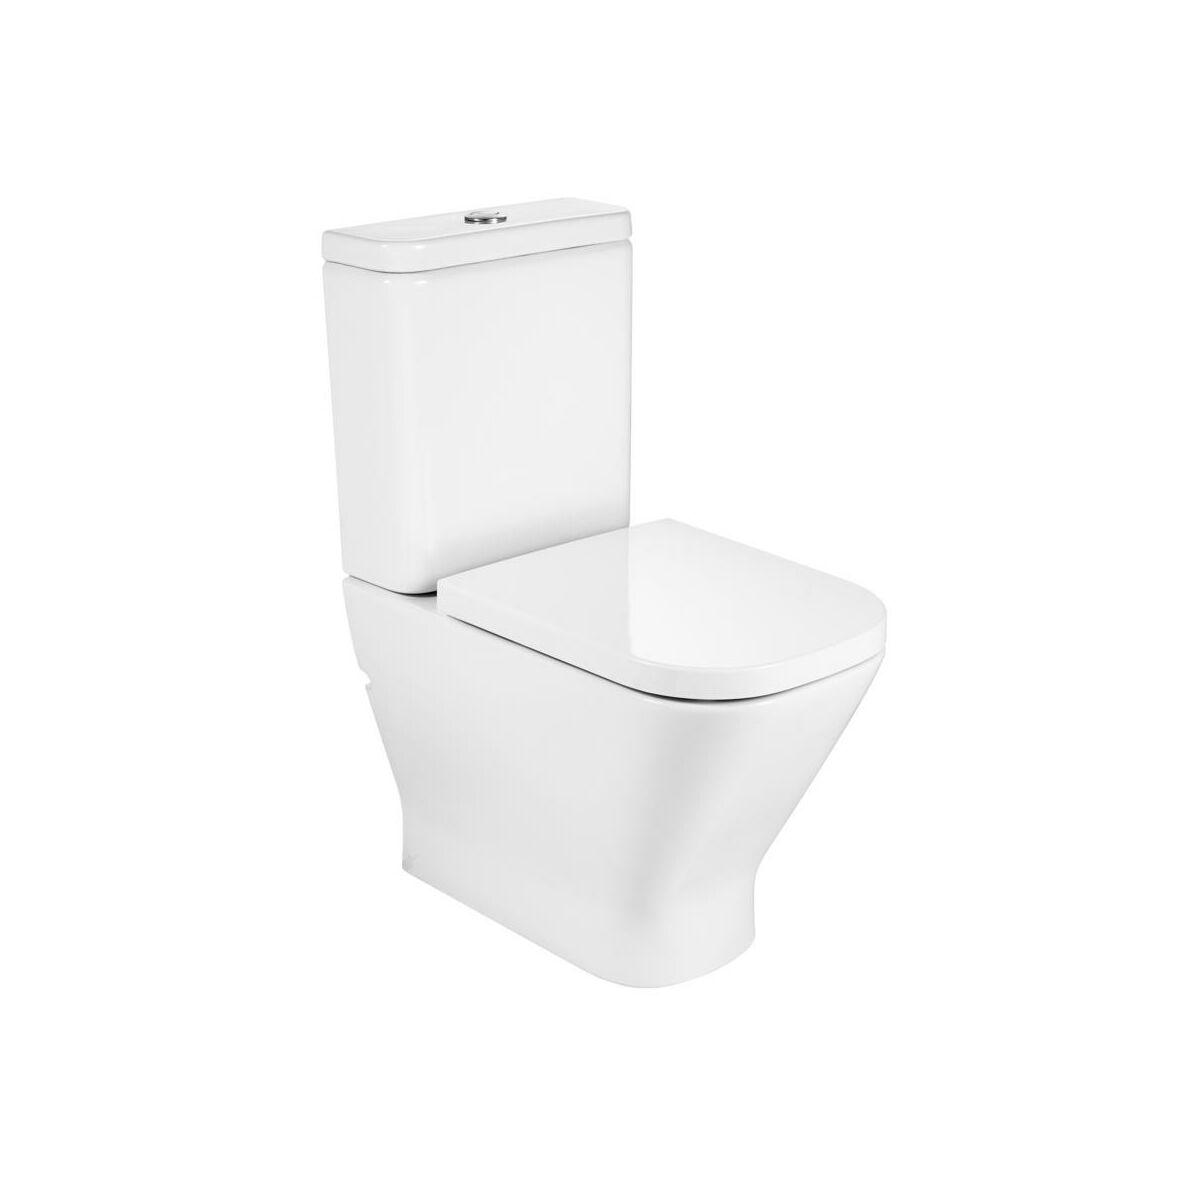 WC kompakt GAP ROCA